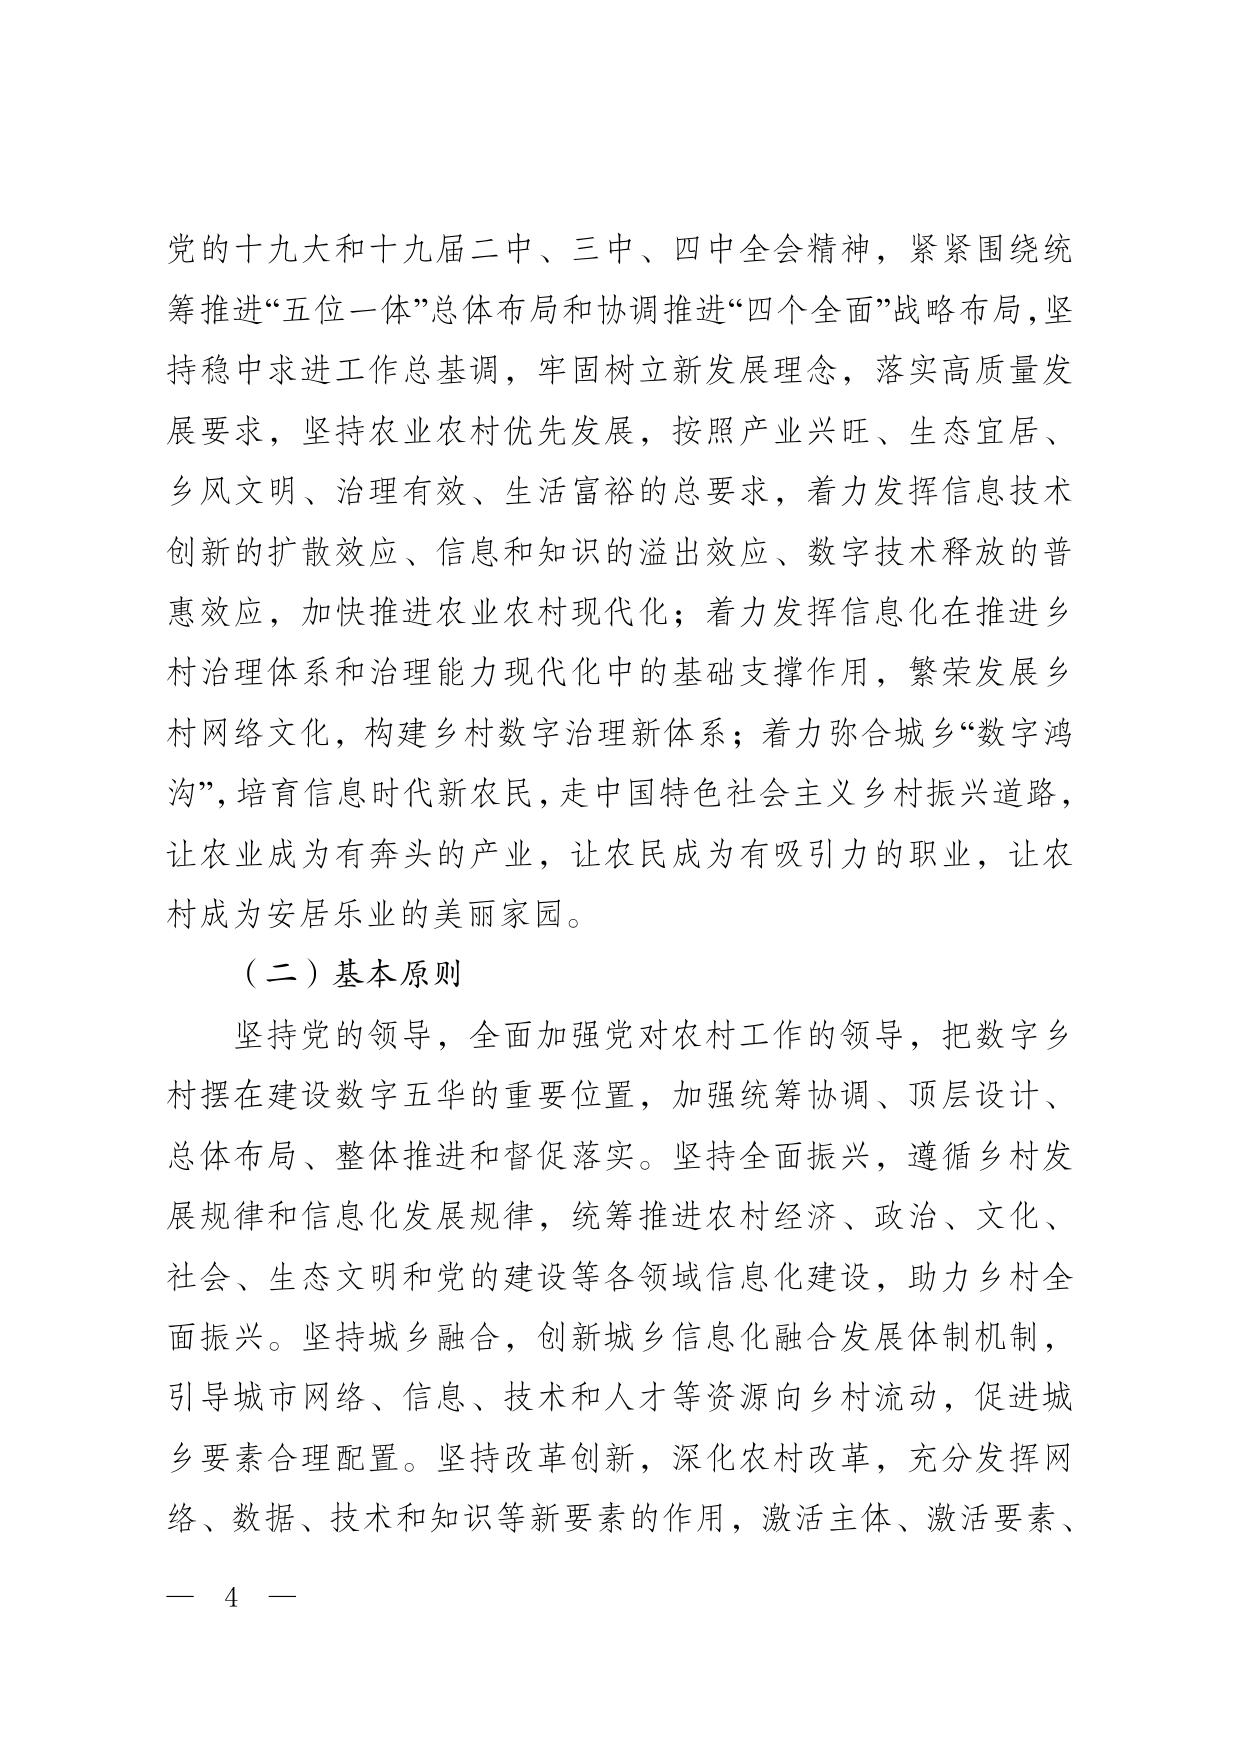 华办函〔2020〕5号关于印发《五华县数字乡村发展总体规划(2020—2025年)》的通知0003.jpg